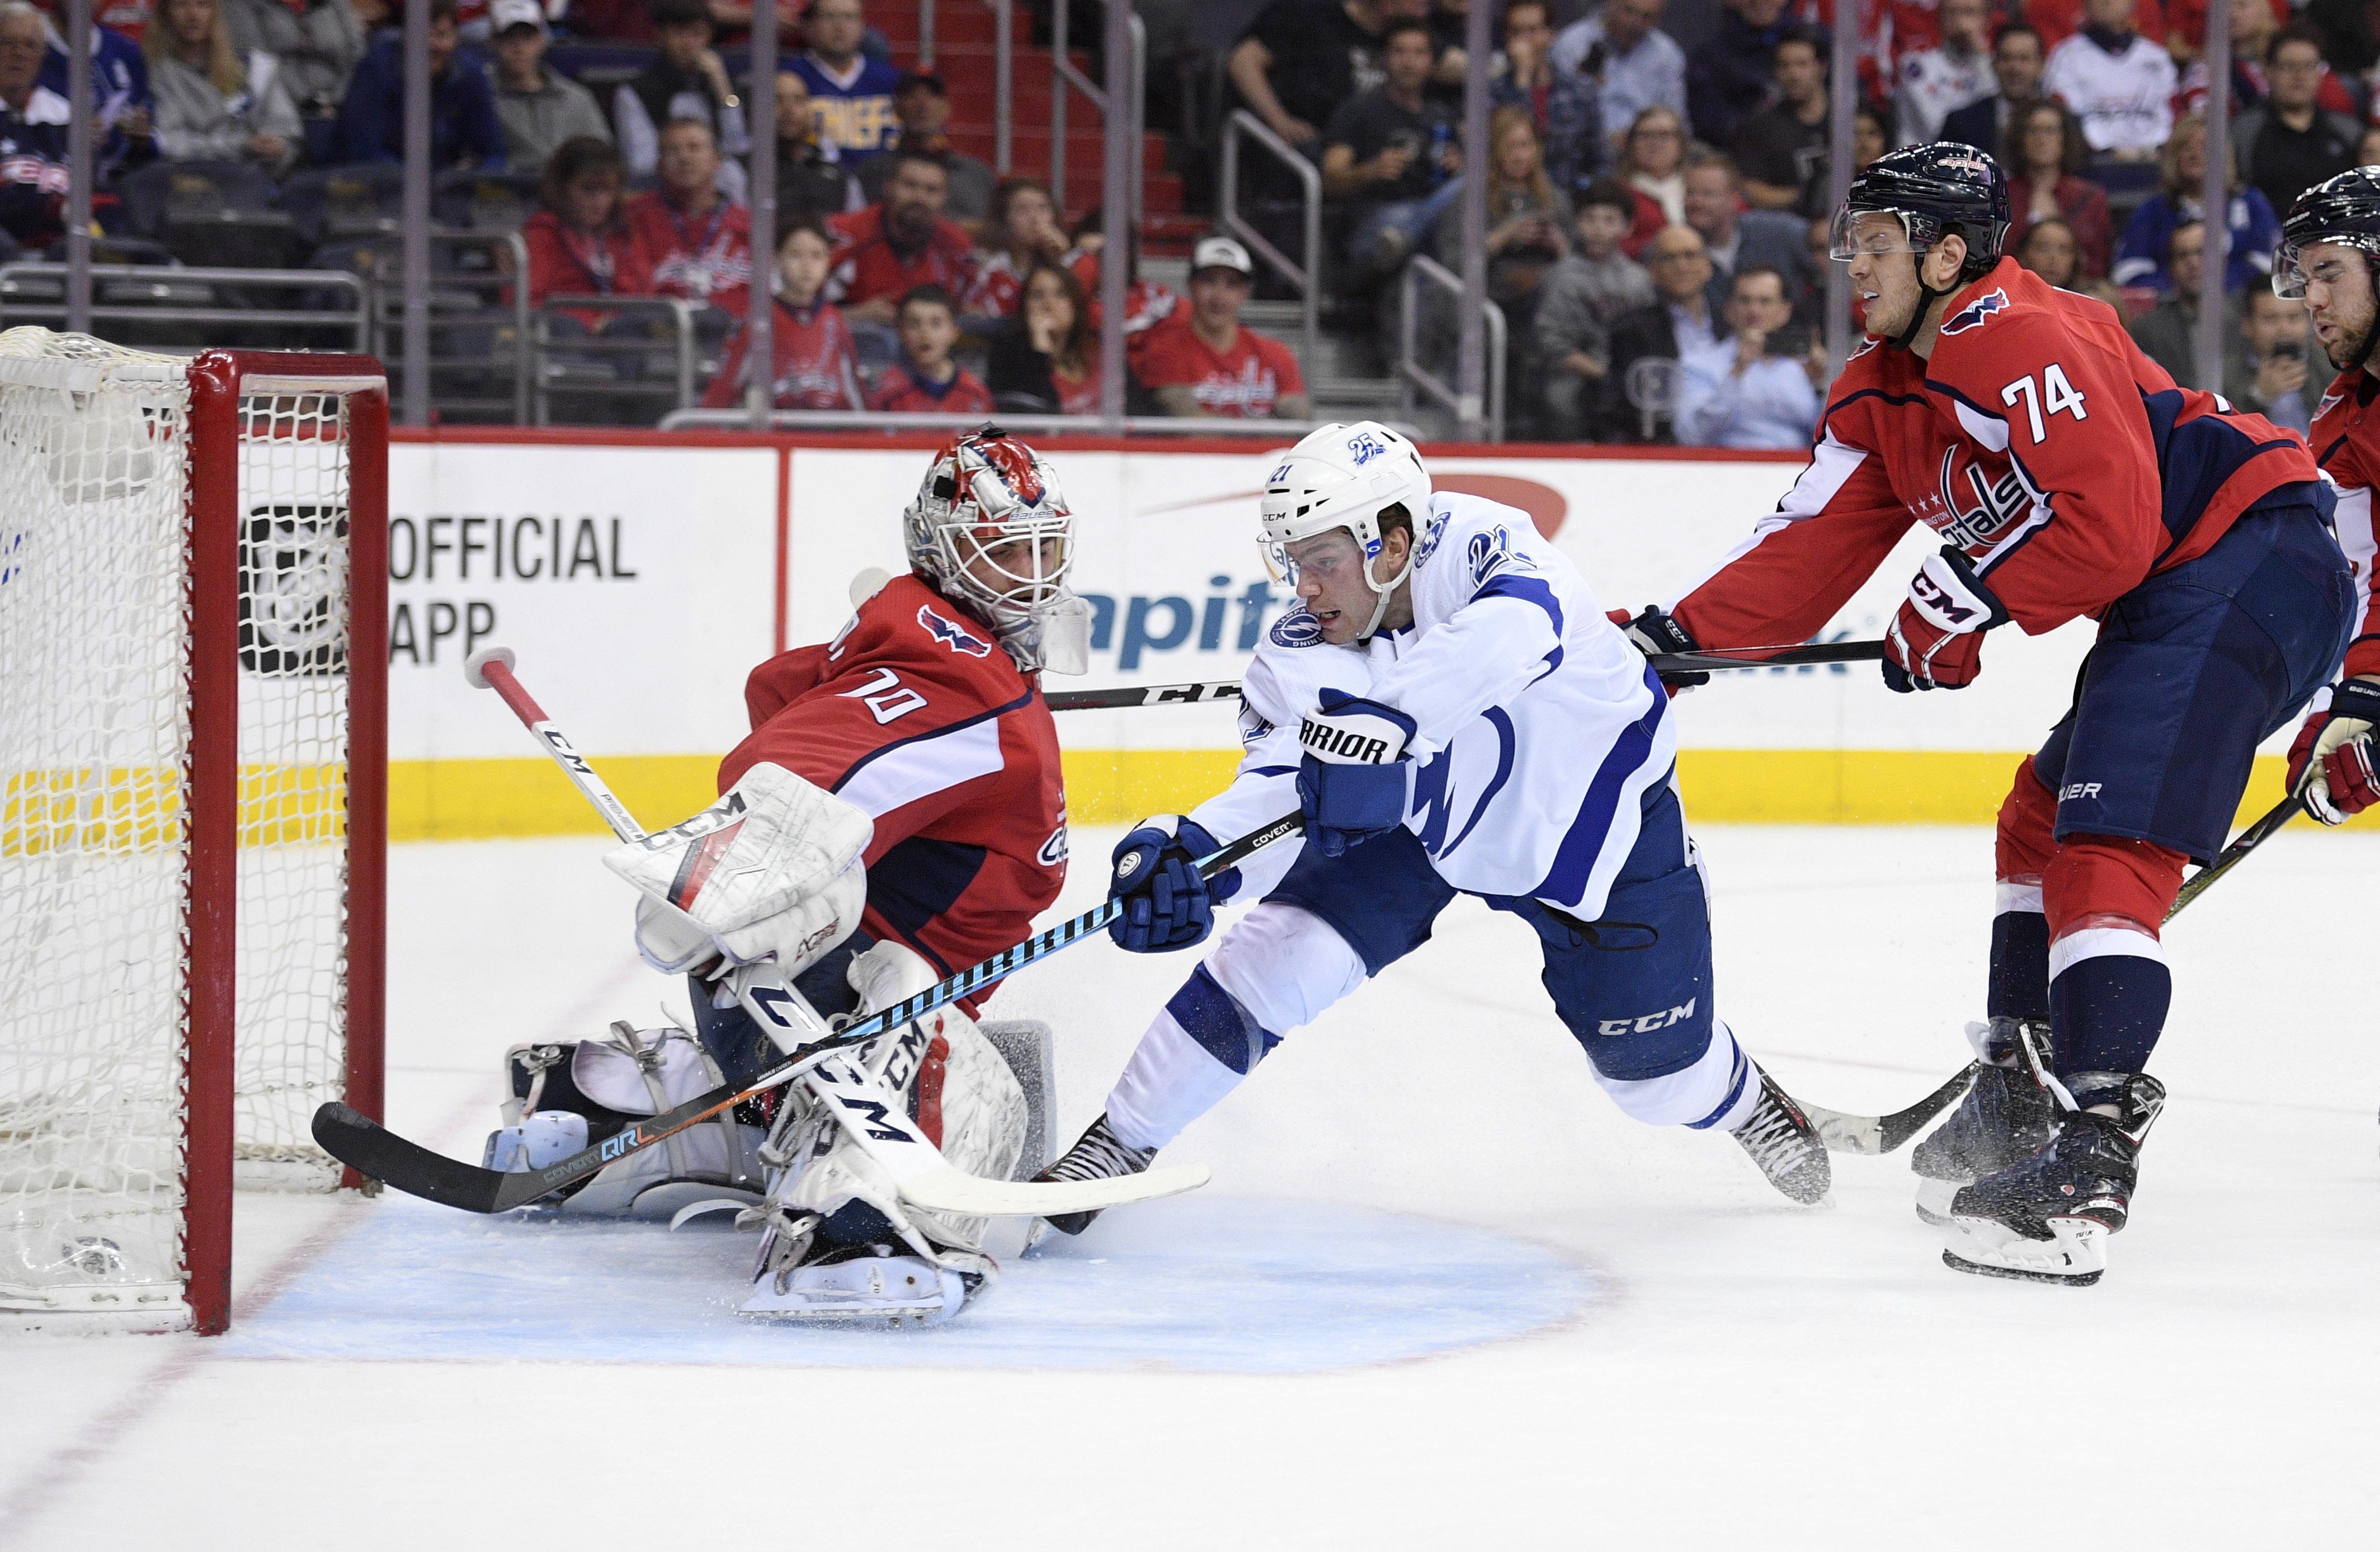 d1a438f07aa Tampa Bay Lightning center Brayden Point (21) scores a goal past Washington  Capitals goaltender